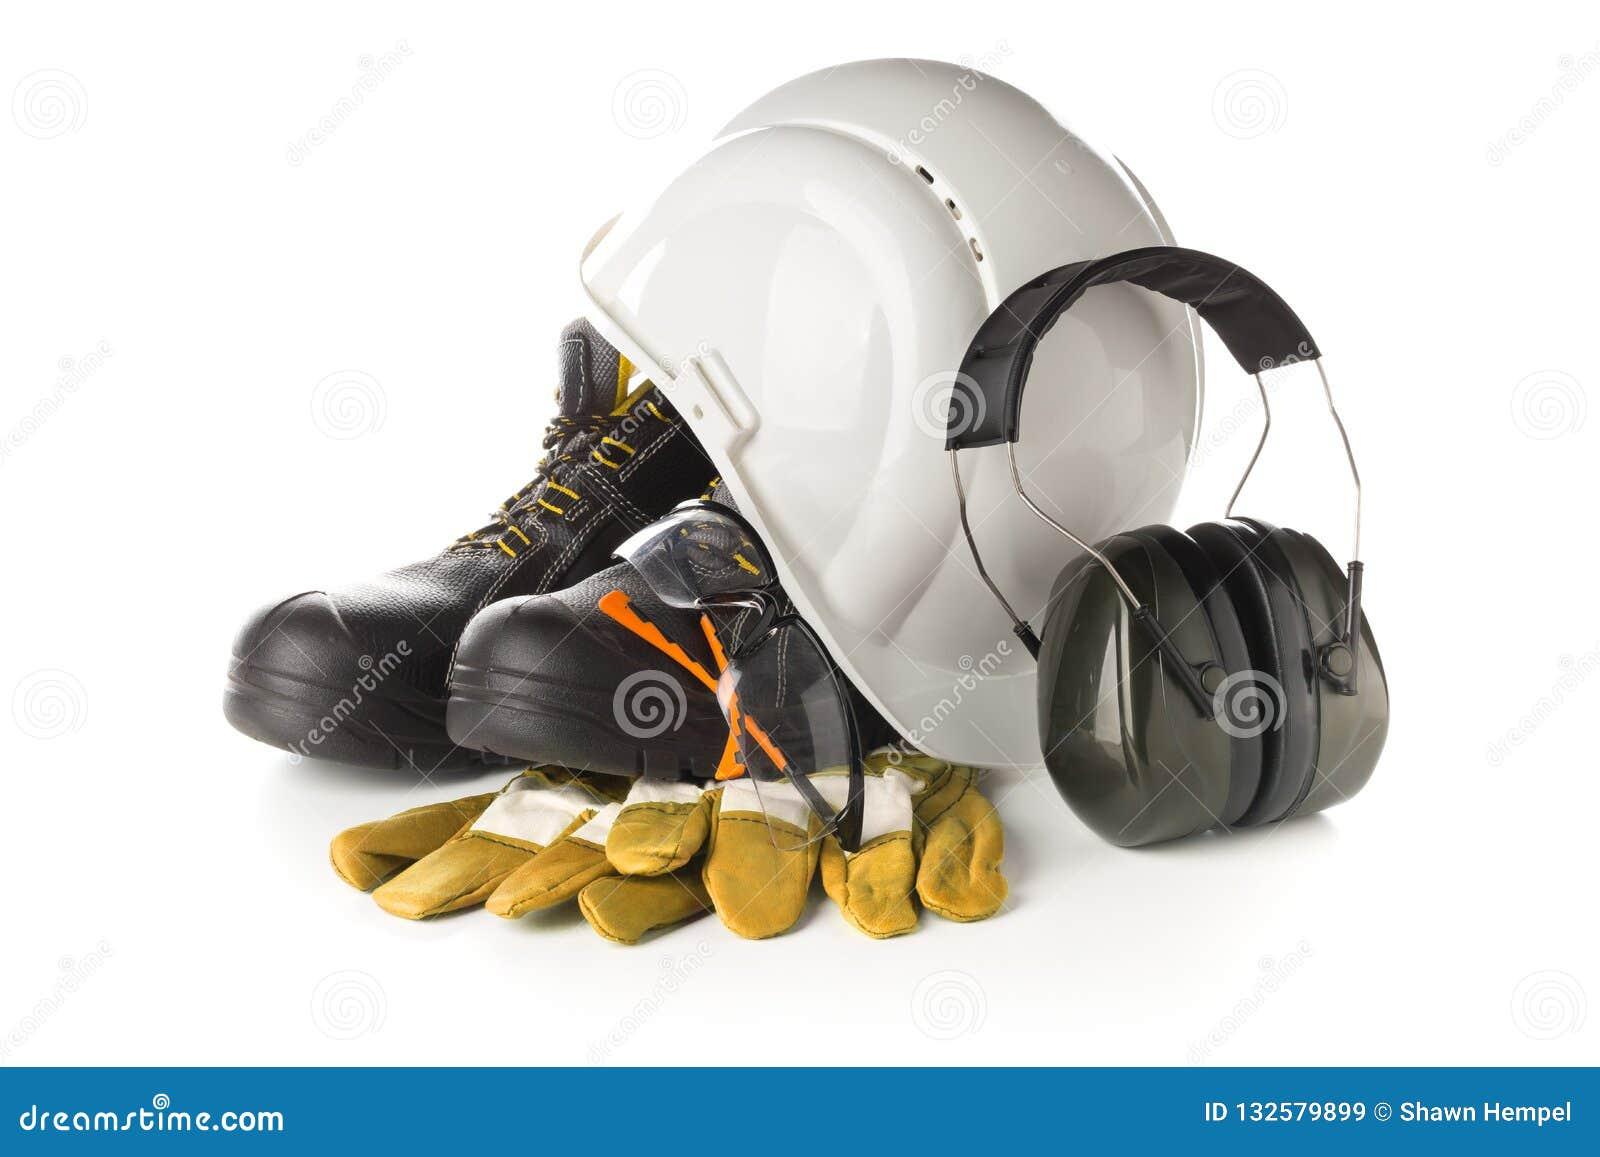 Travaillez l équipement de sécurité et de protection - les chaussures, les verres de sûreté, les gants et la protection auditive